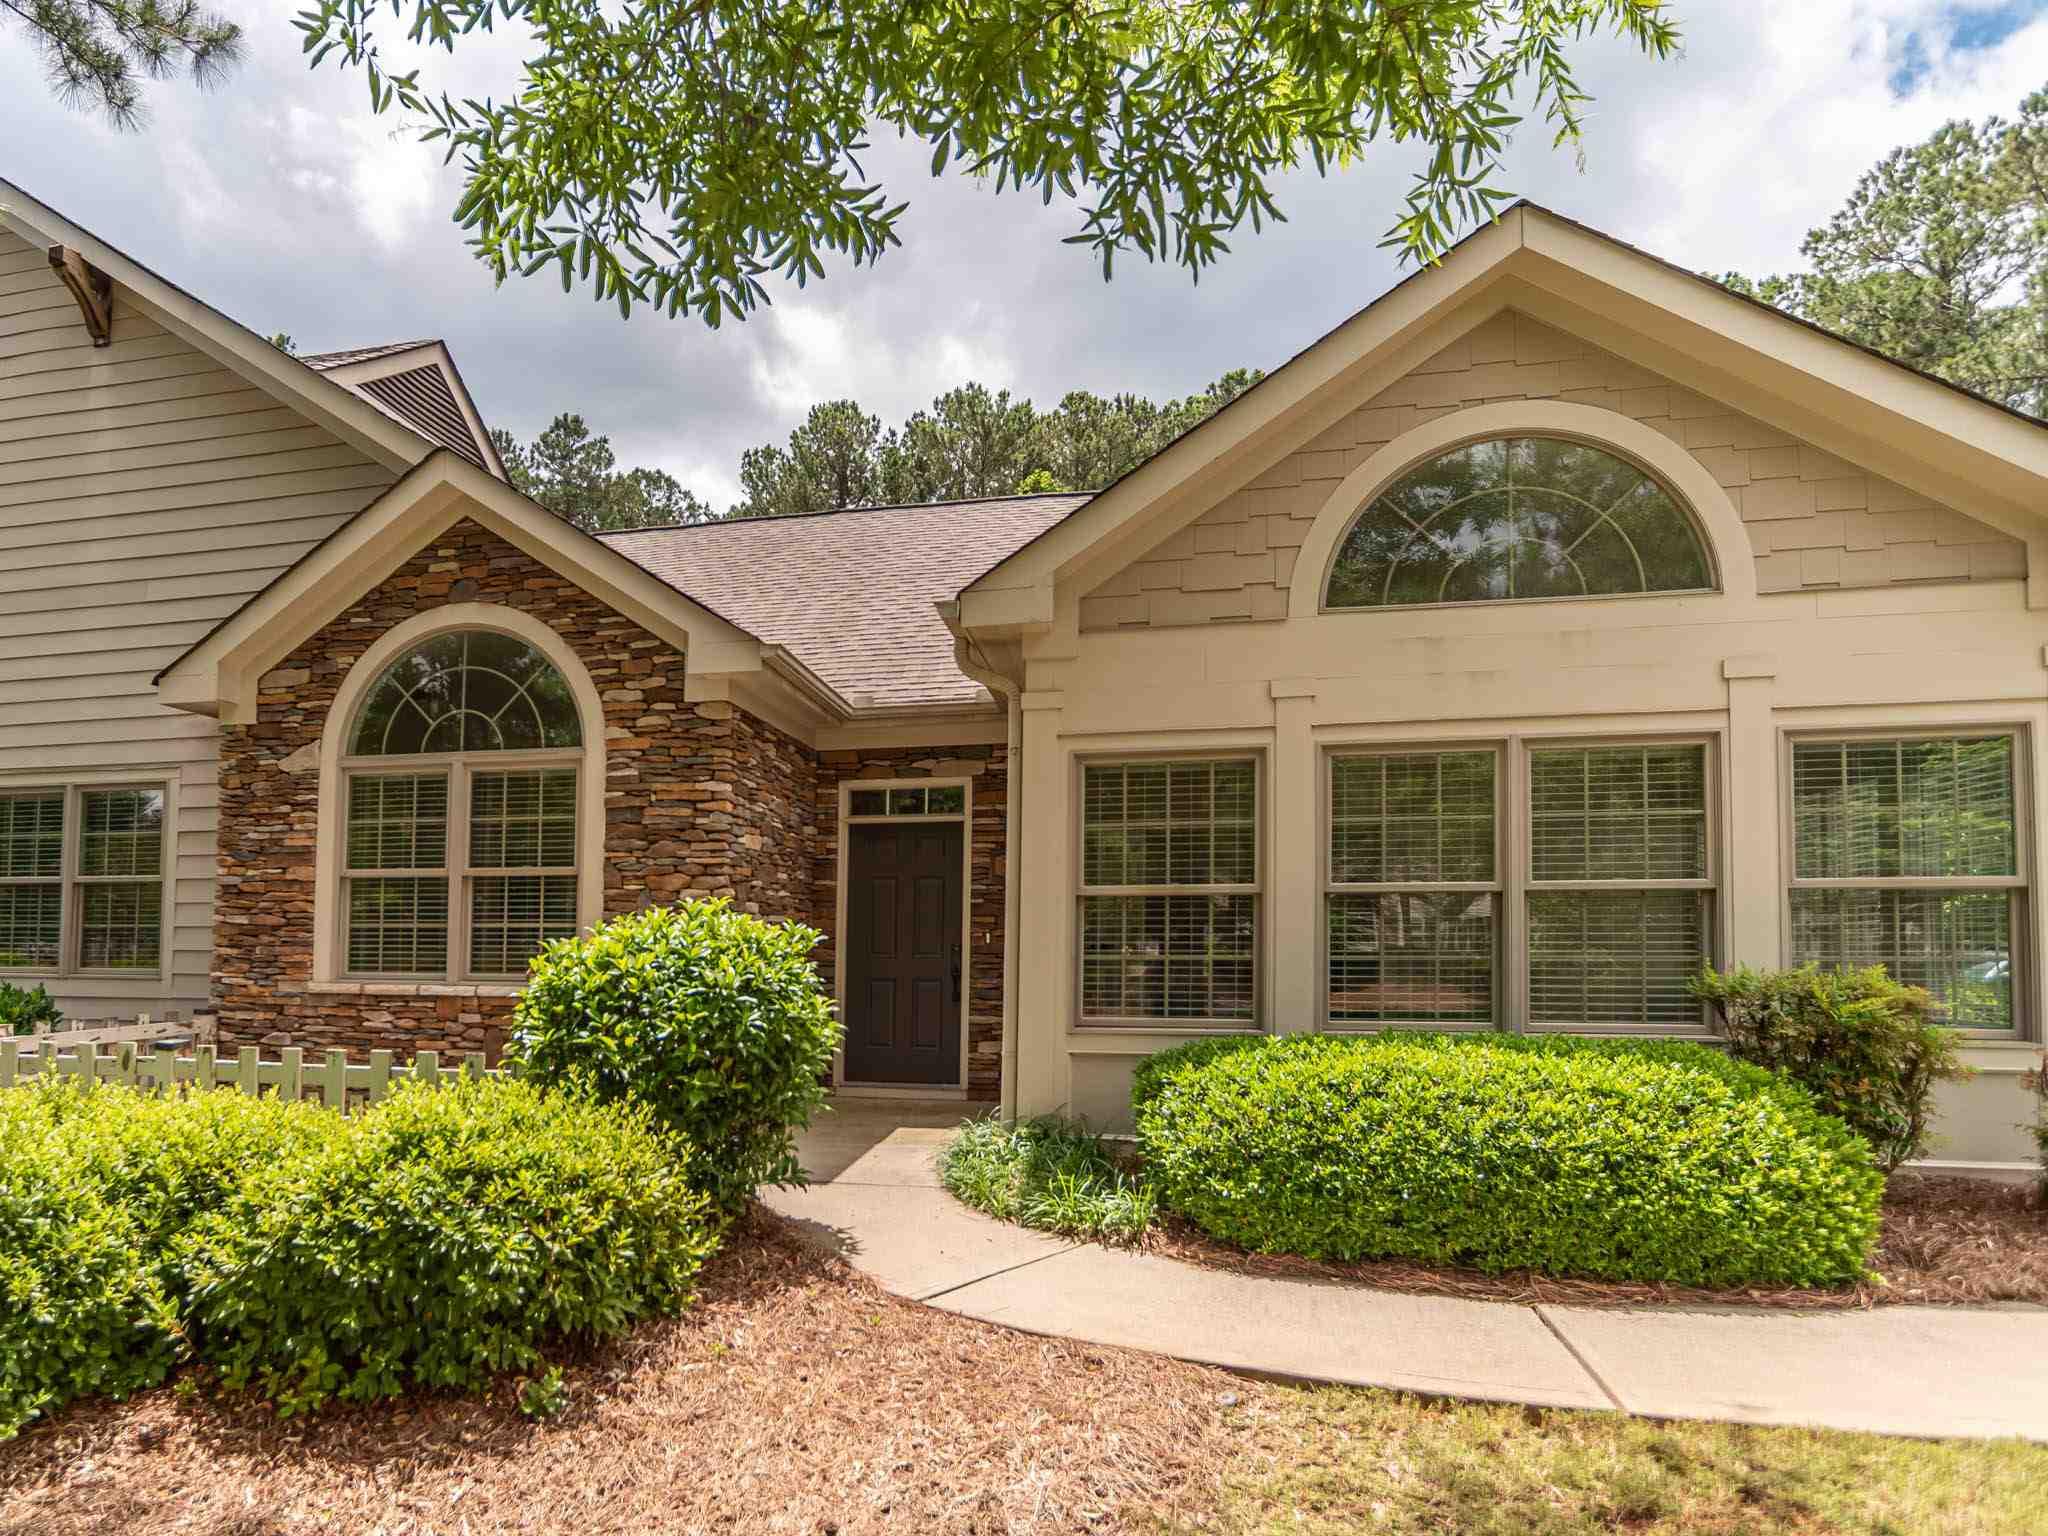 143 EDGEWOOD COURT, Lake Oconee in Putnam County, GA 31024 Home for Sale